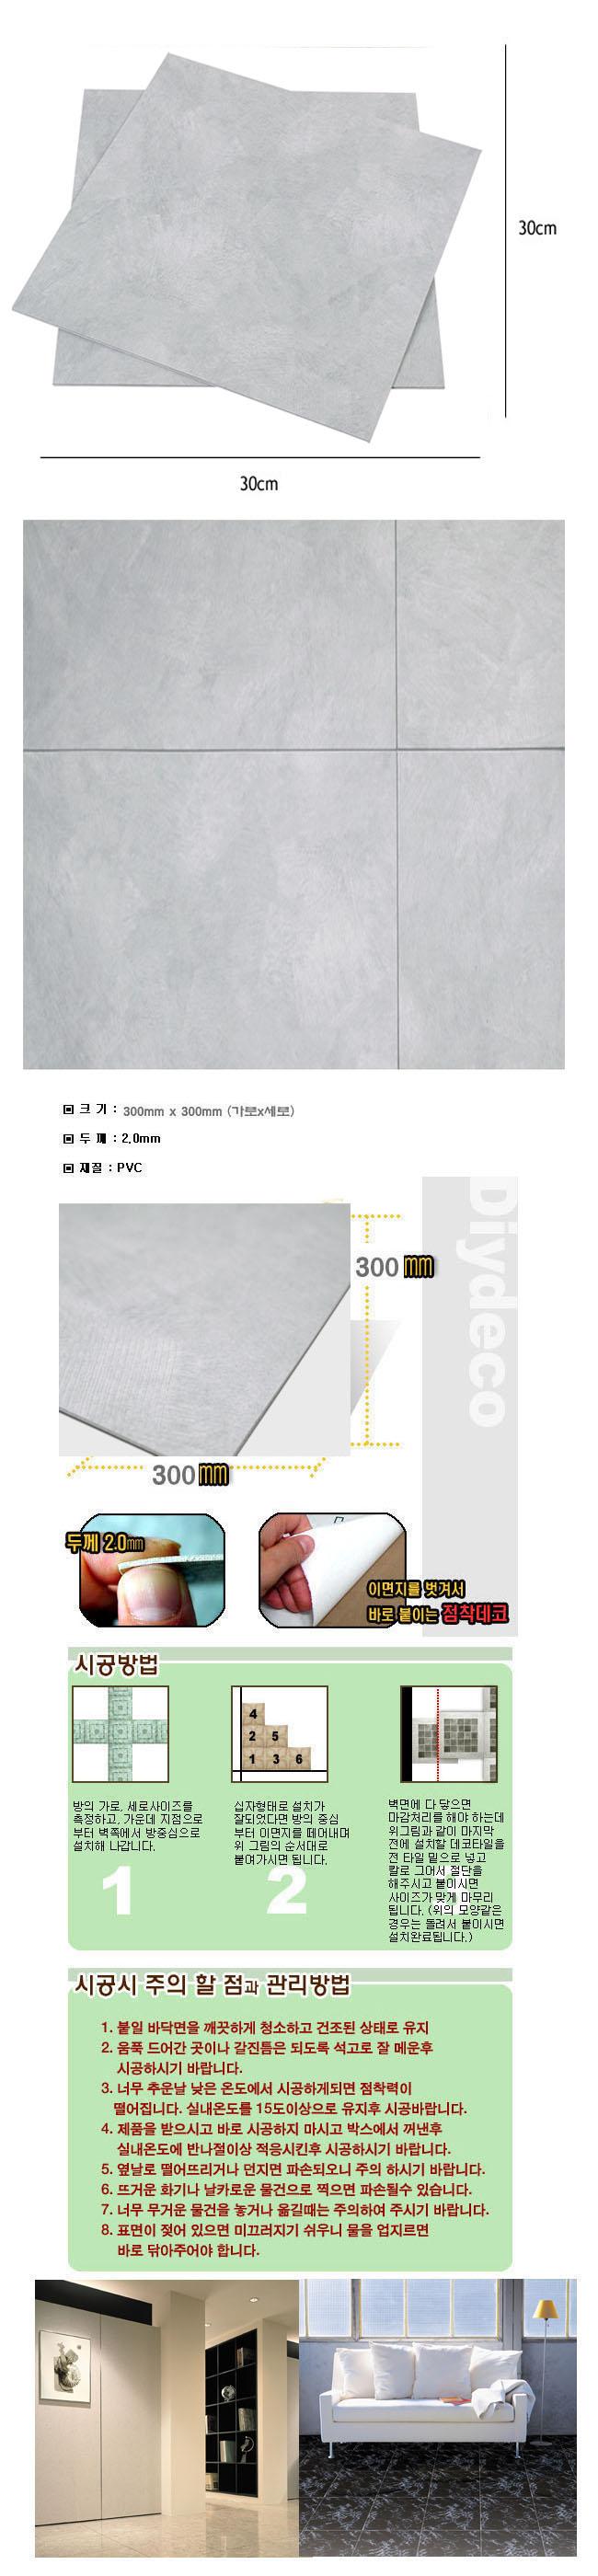 접착식데코타일 RS-551(1장) - 디아이와이데코, 1,500원, 히터, 전기매트